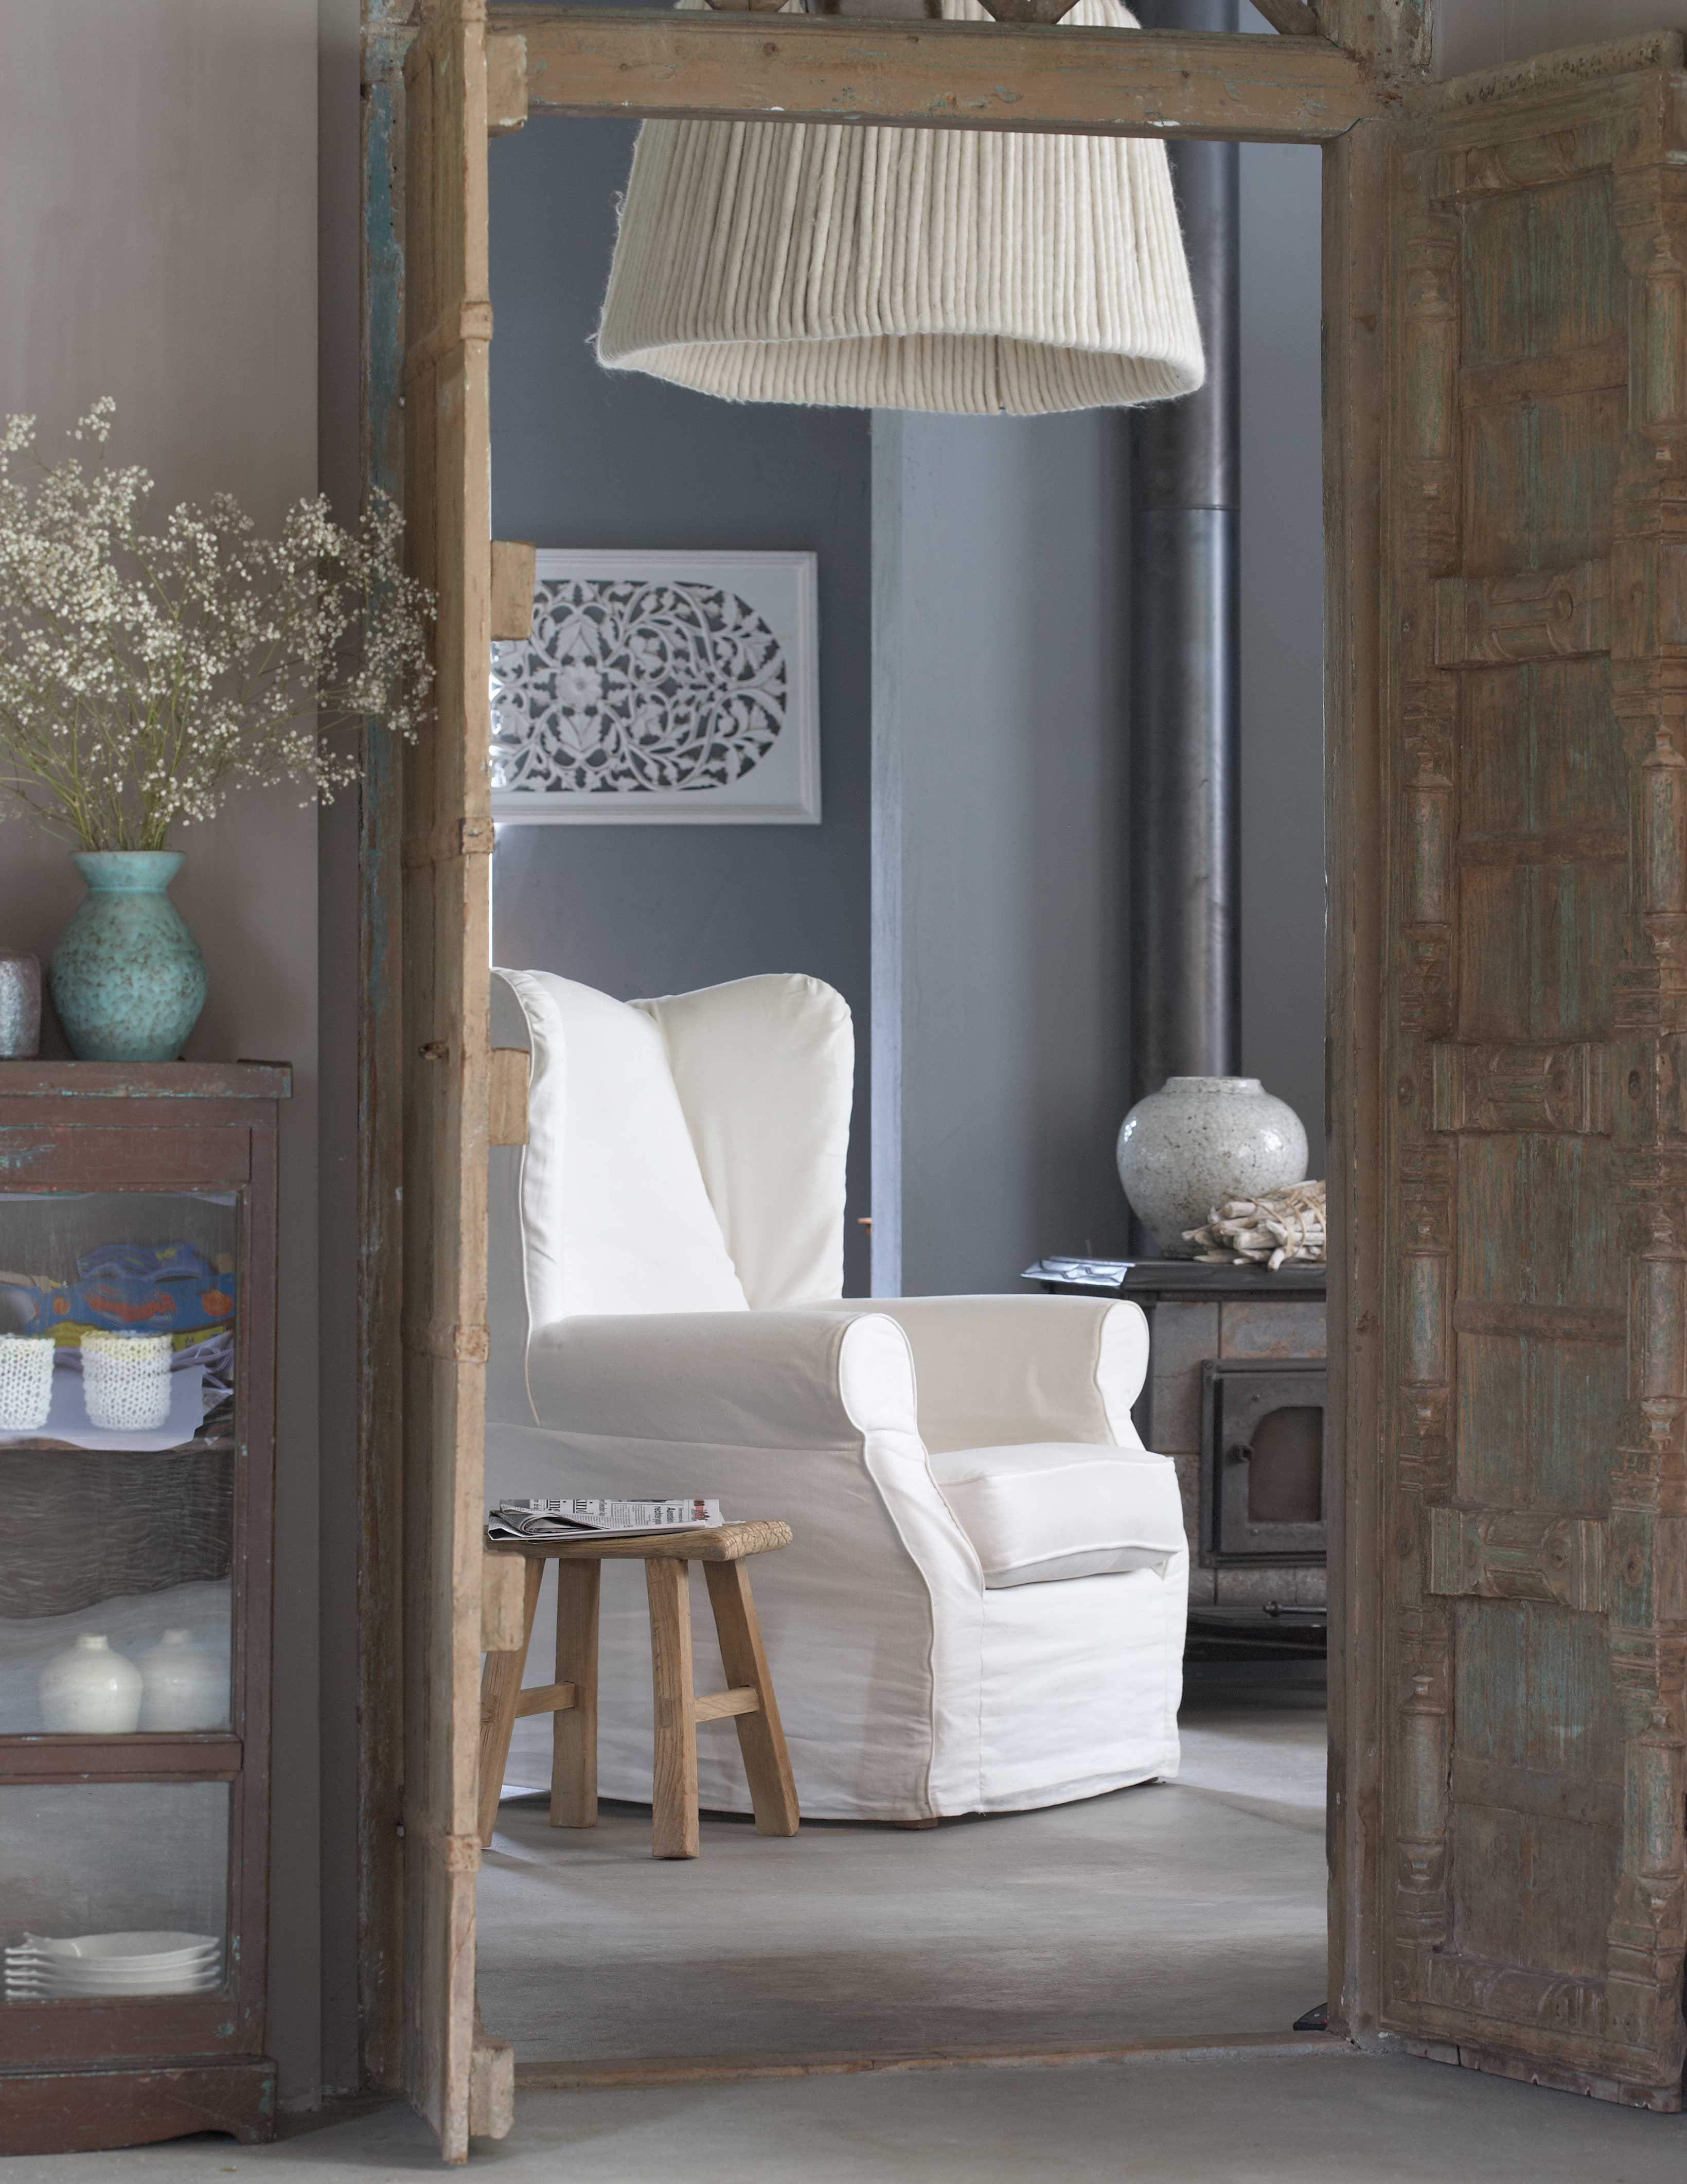 Pak dat moment van rust en kruip weg in deze grote fauteuil. Een kop thee en een goed boek zijn meer dan welkom!